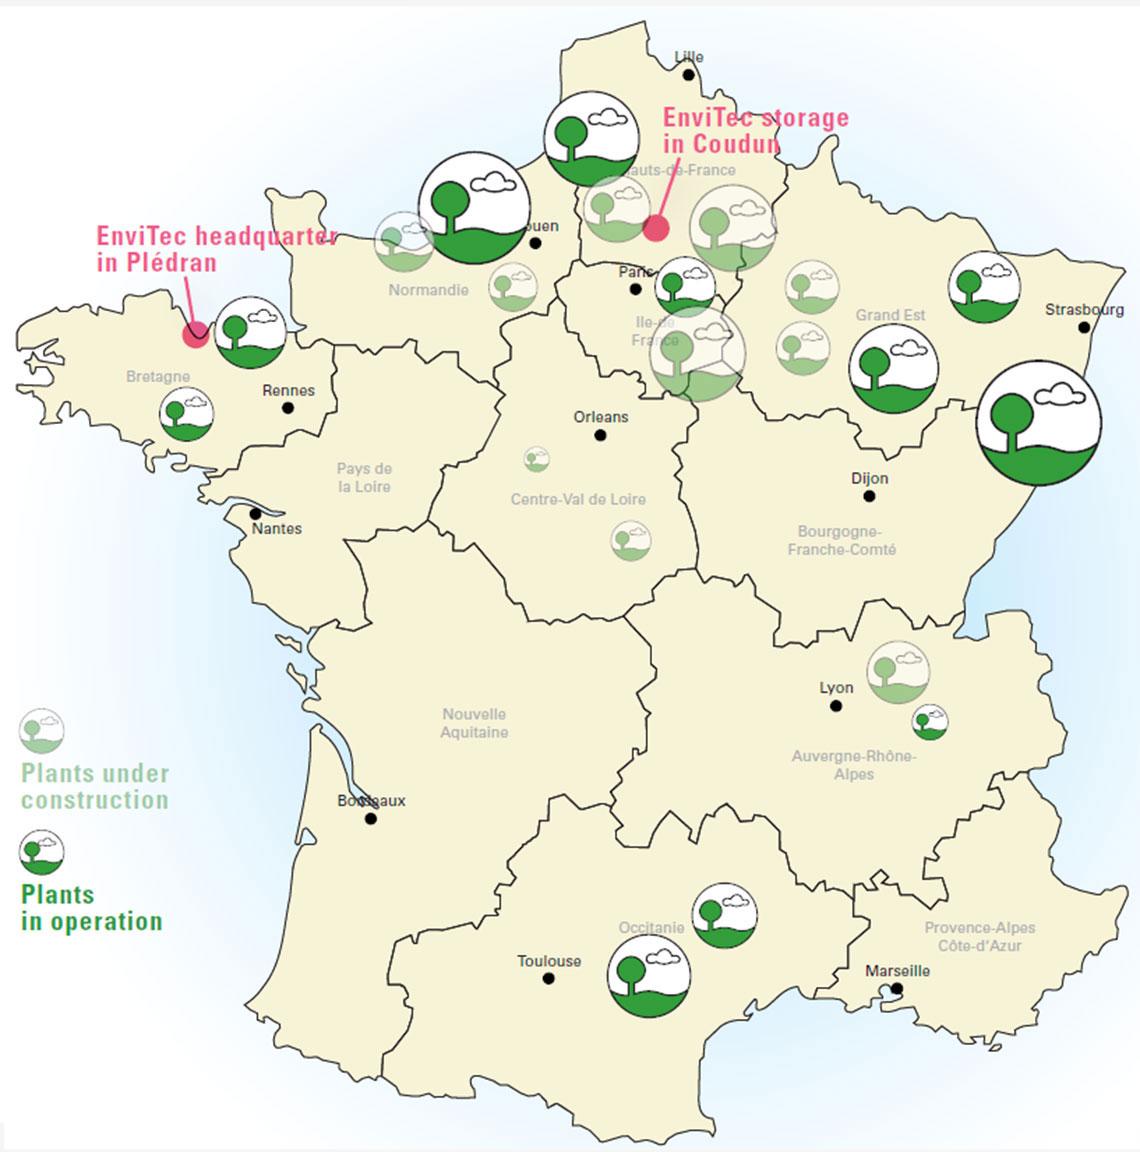 Frankreich-Landkarte mit EnviTec-Referenzen